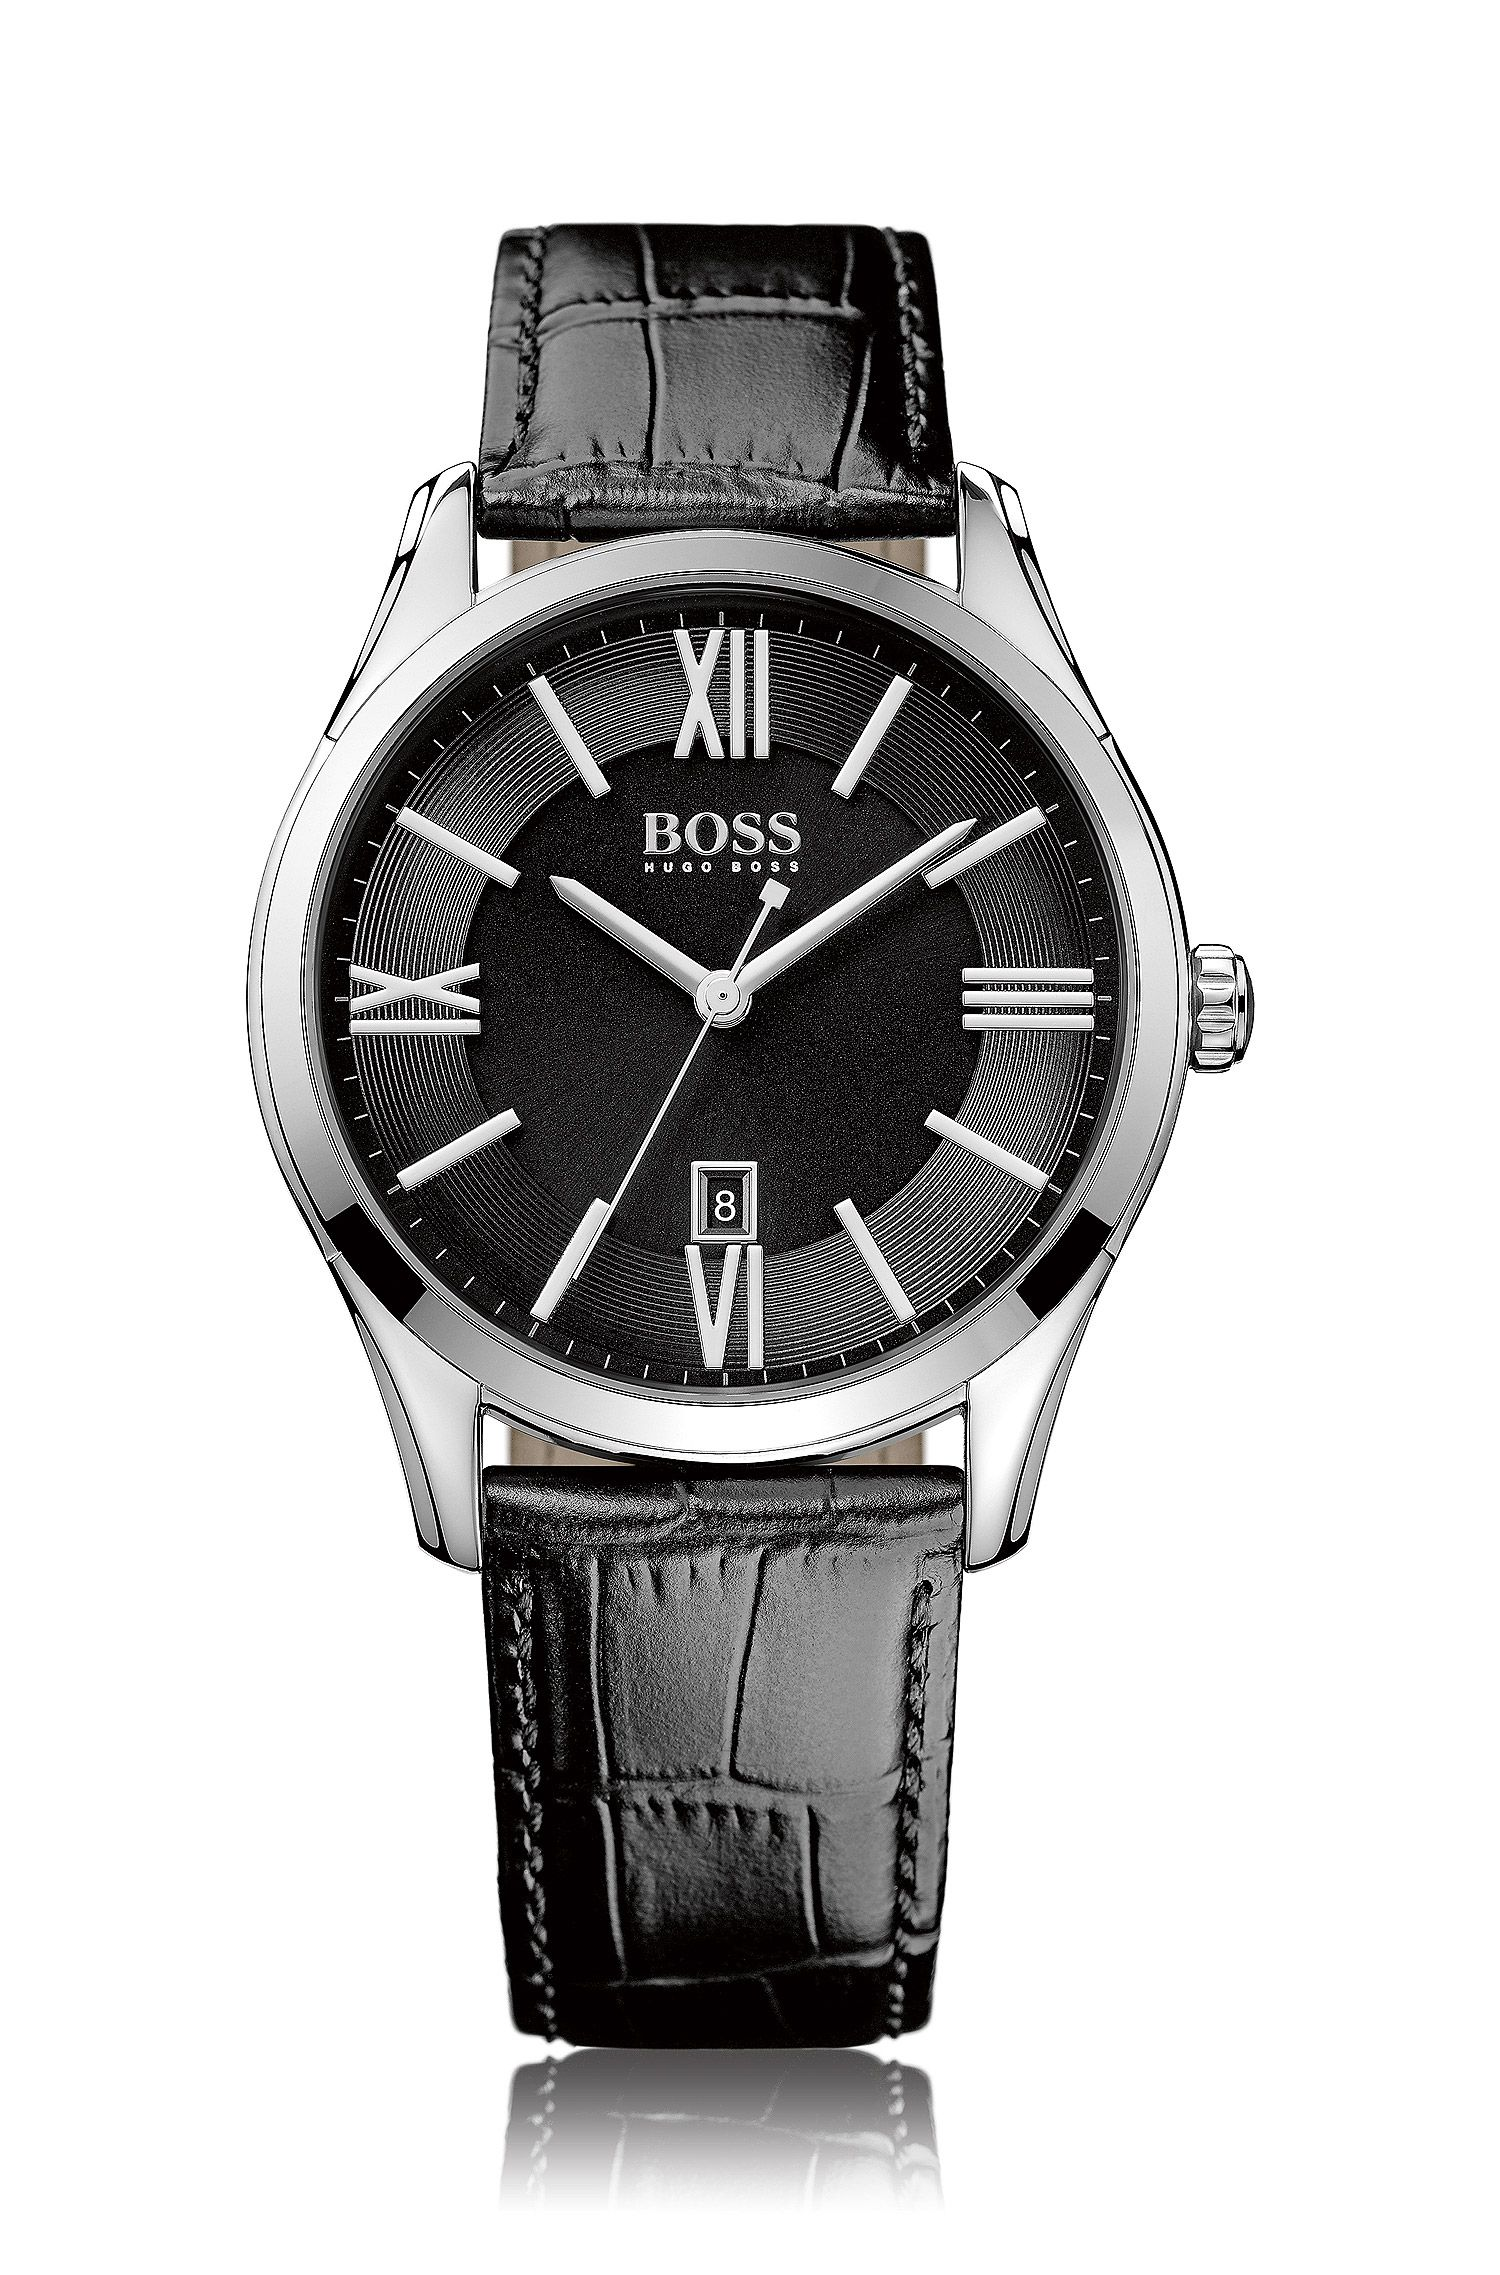 Reloj de tres manecillas en acero inoxidable pulido con esfera negra de guilloché